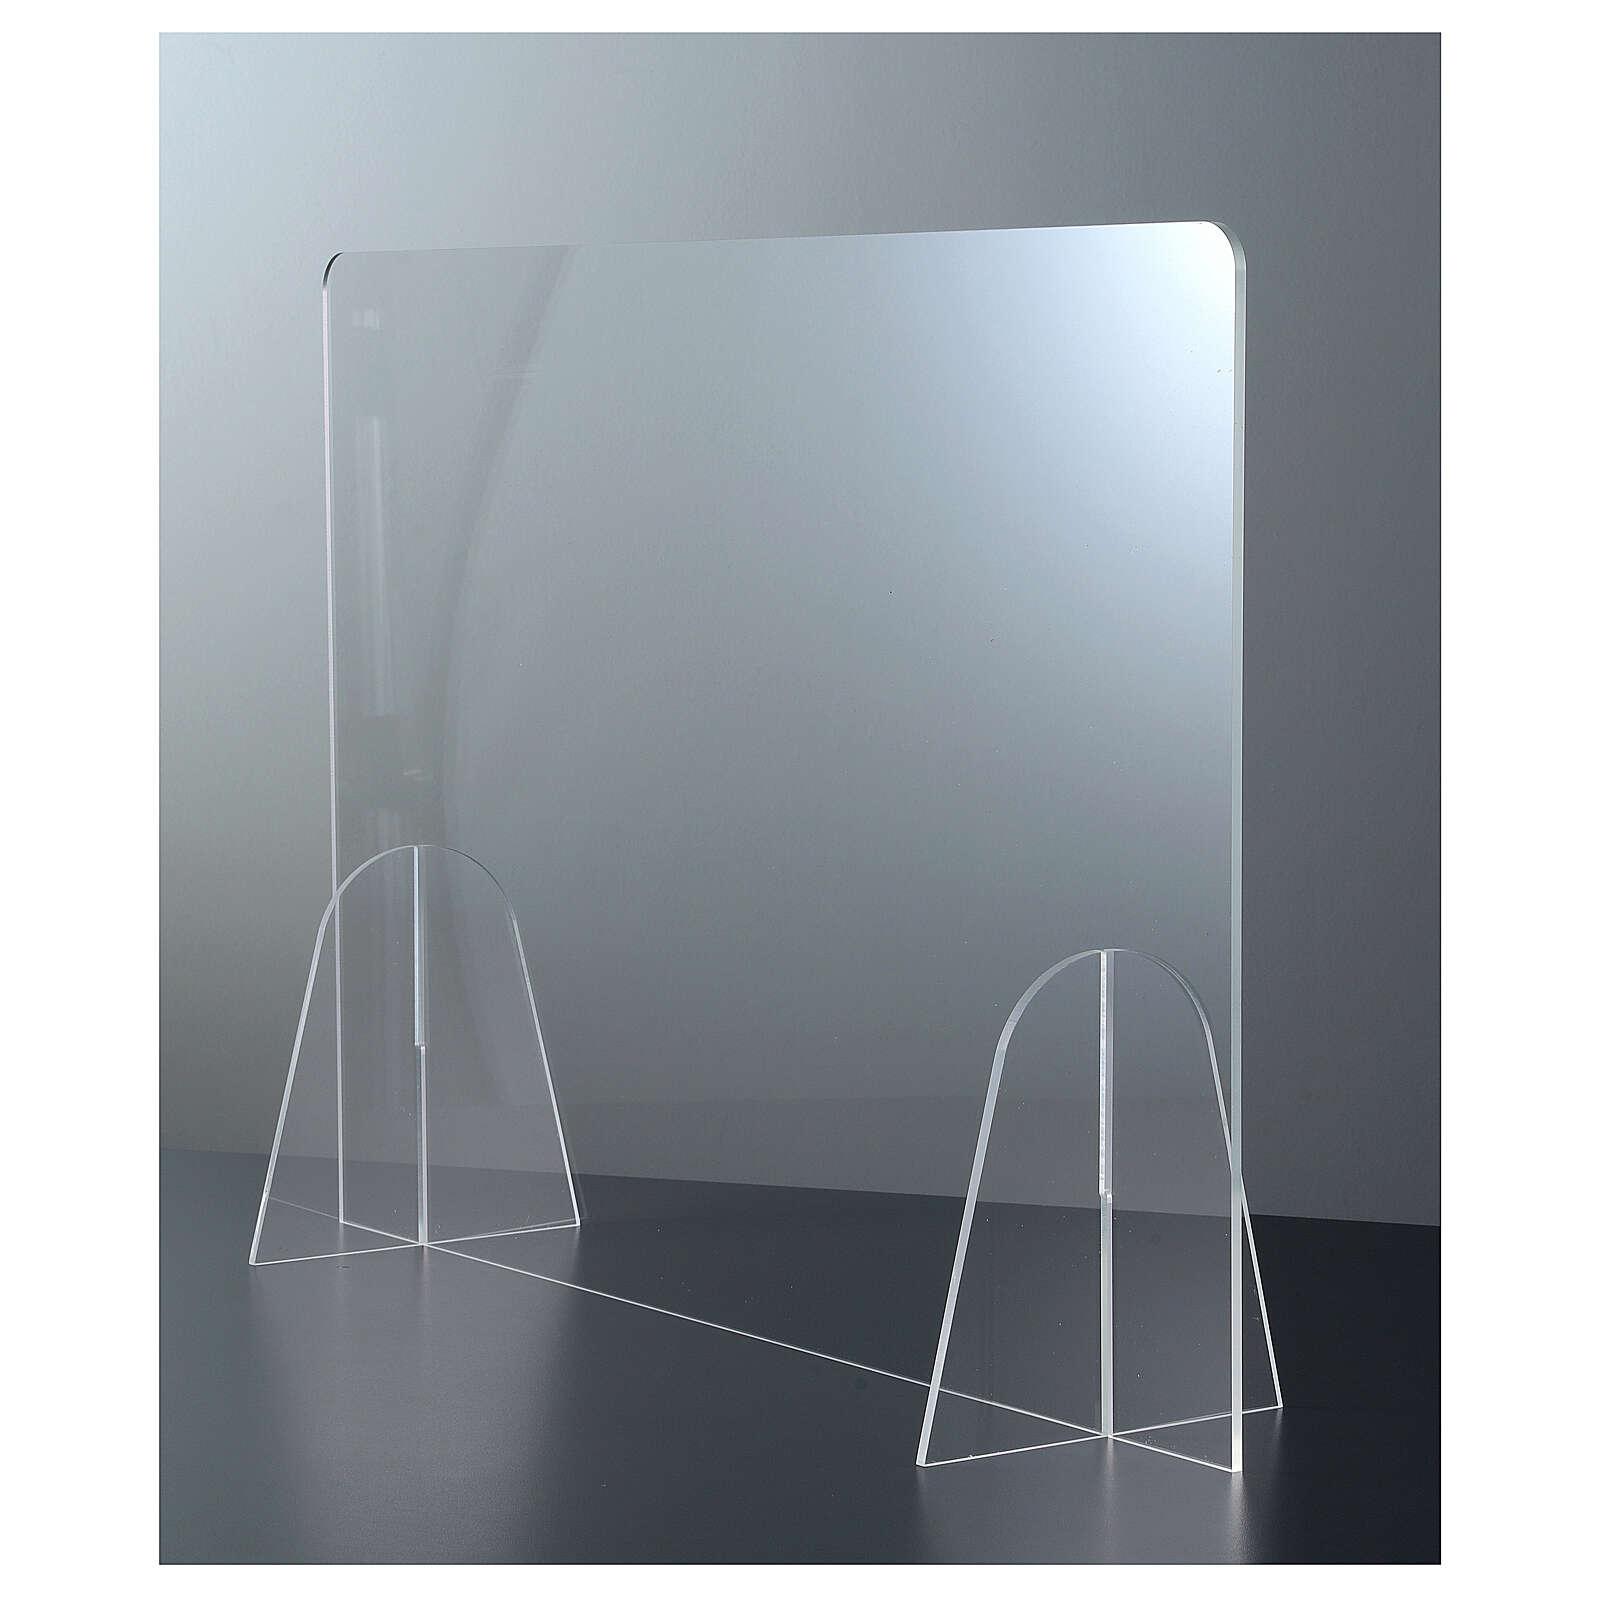 Table plexiglass shield h 50x70 cm 3